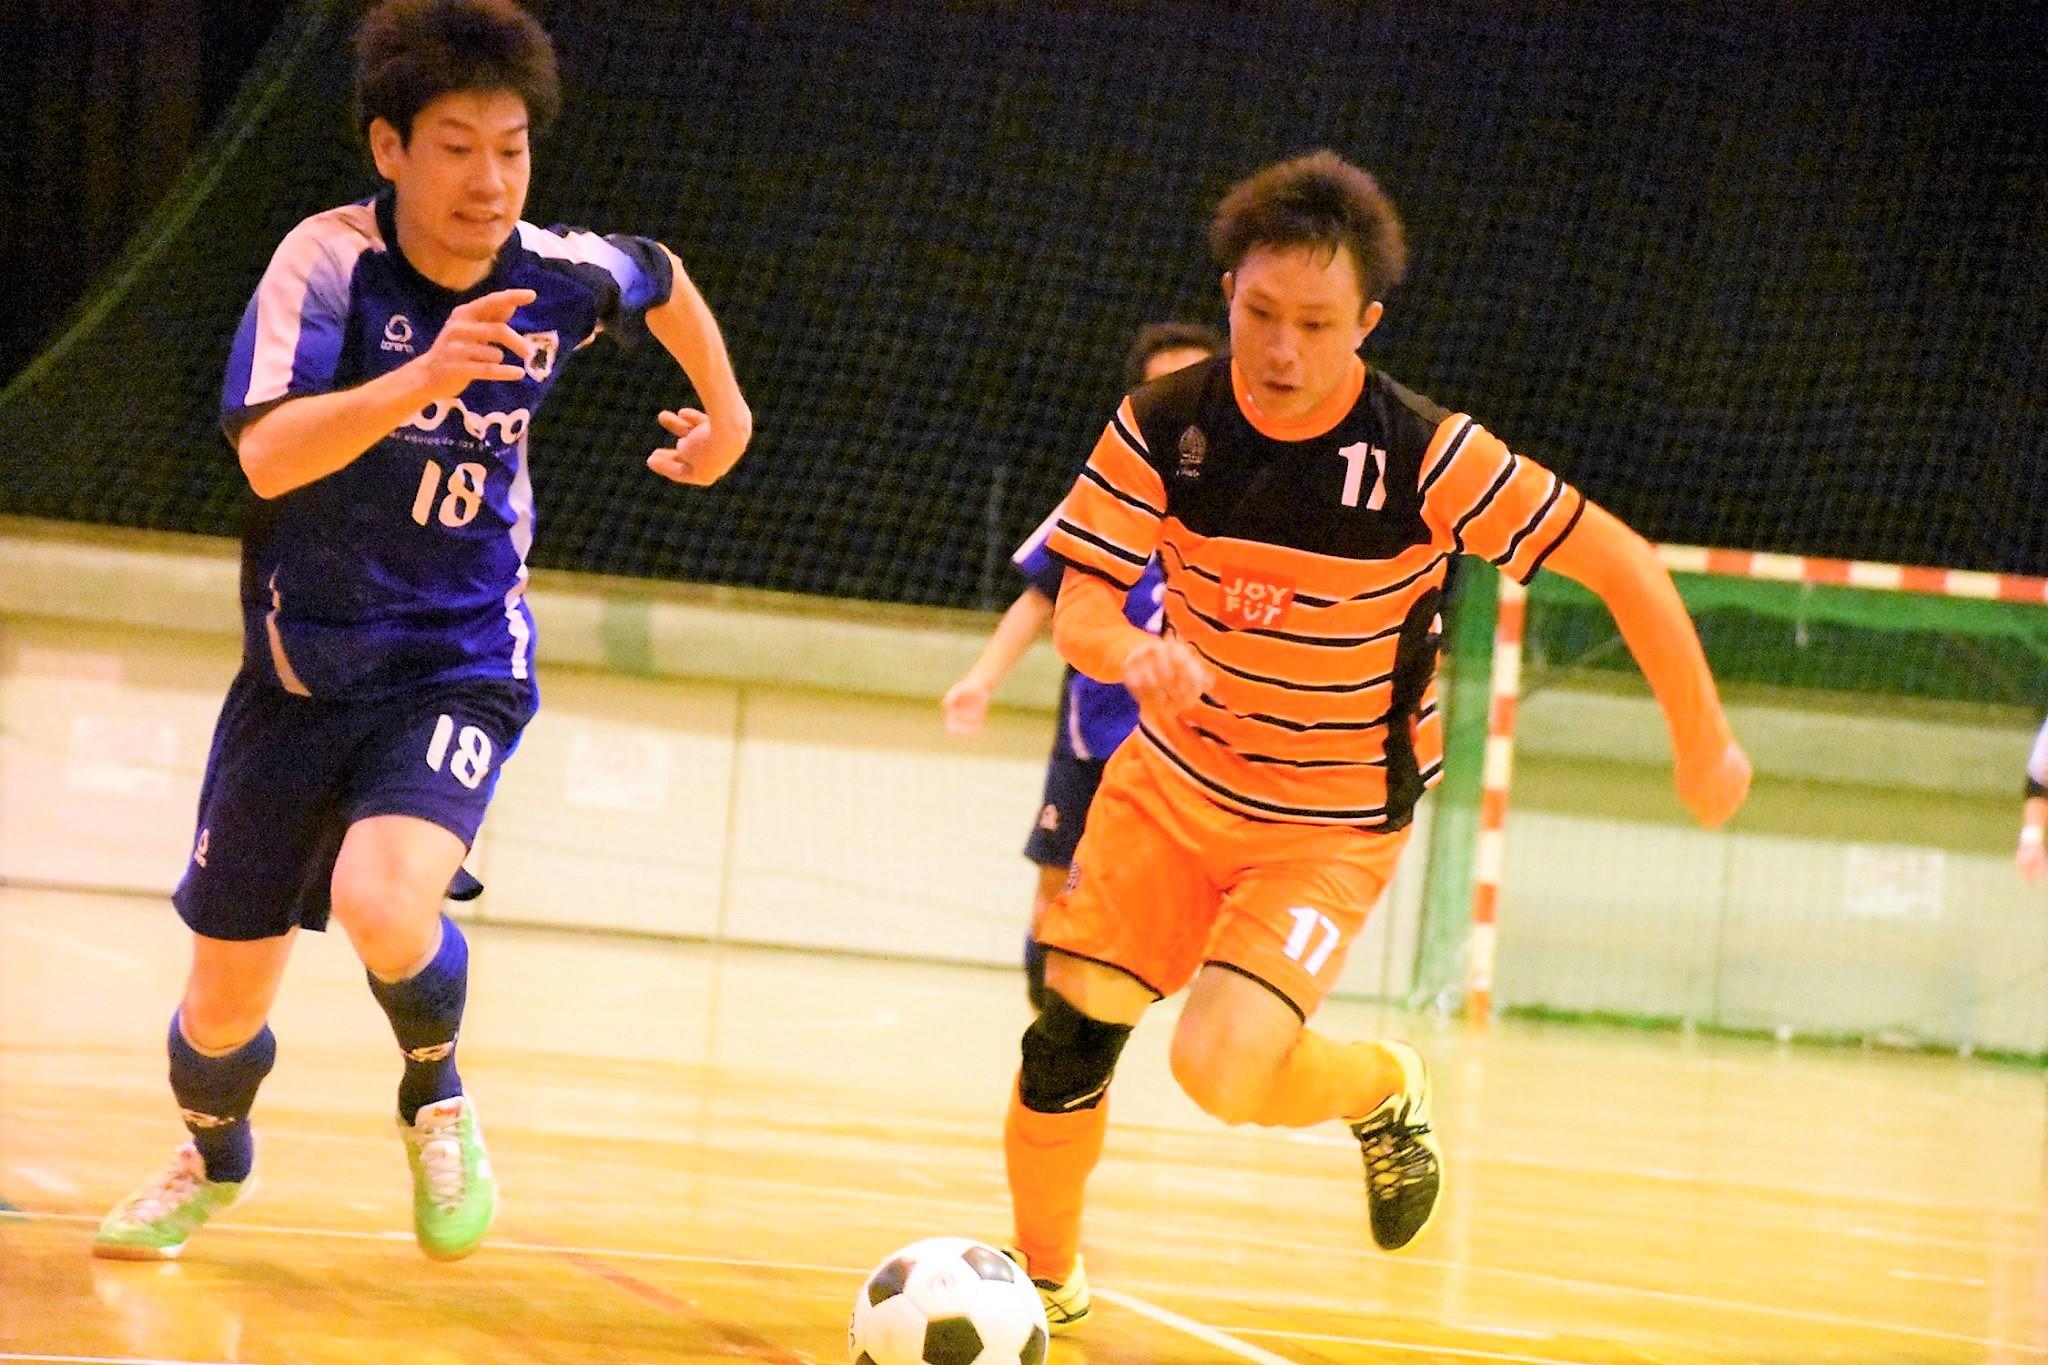 【愛知県1部第8節インタビュー】INFINI FUTSAL CLUB 増栄 健太選手 「優勝がかかっていたので、すごく緊張していました」